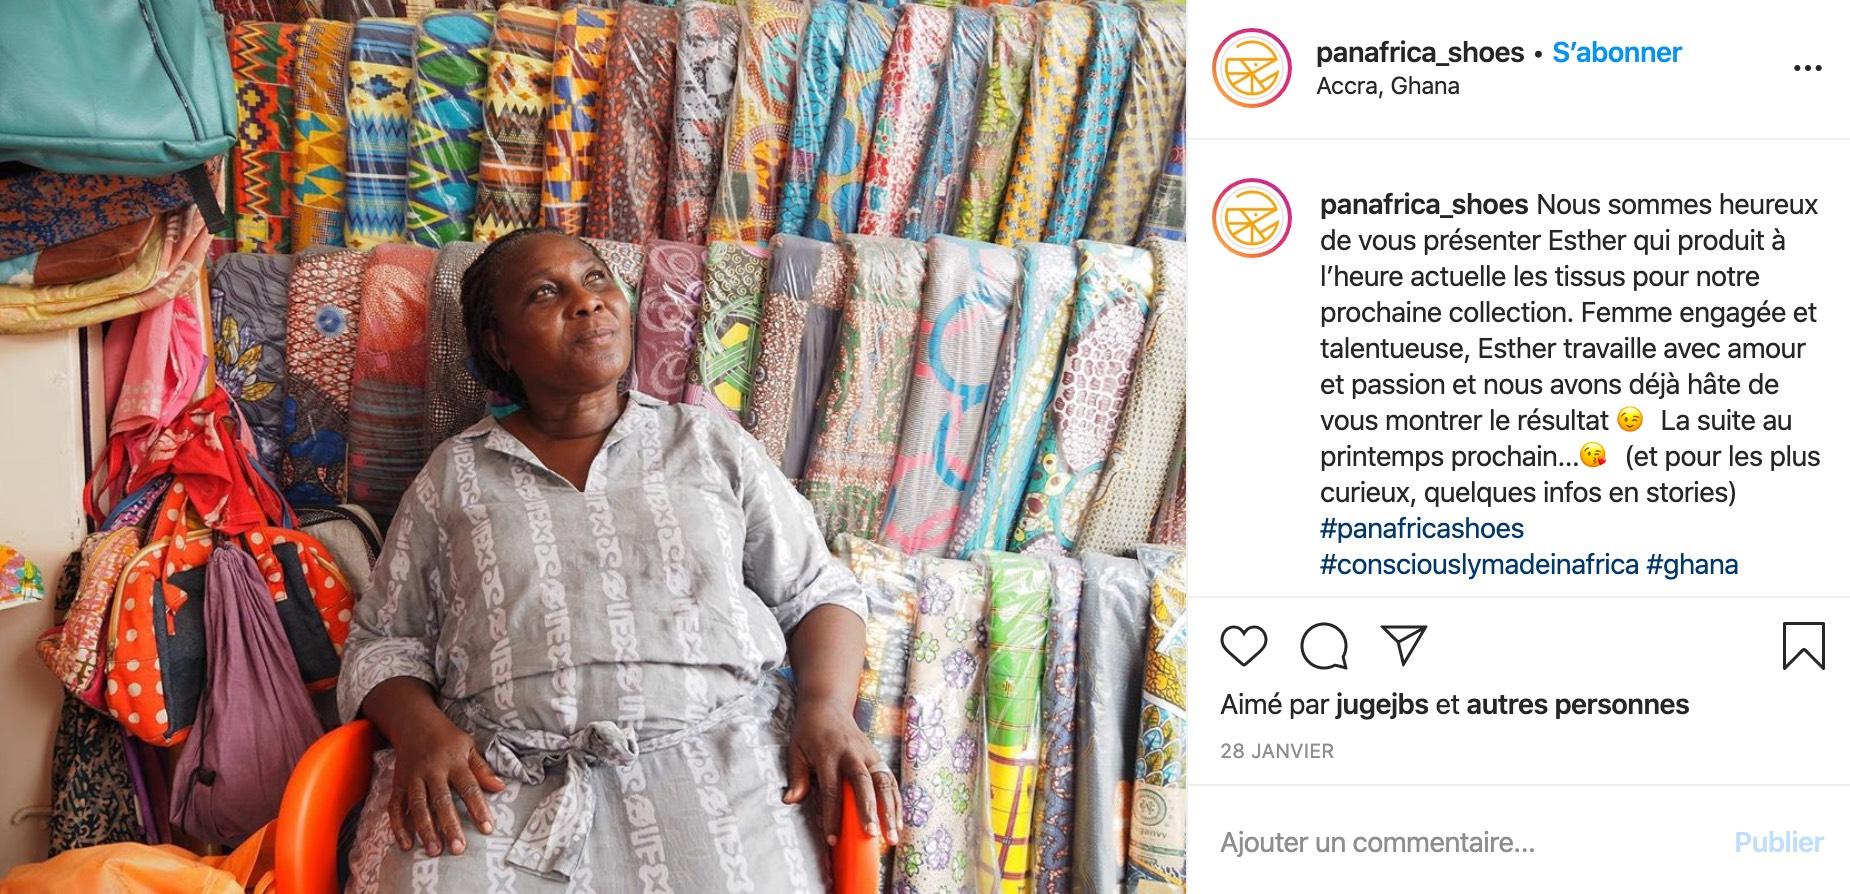 Exemple d'une marque qui valorise ses partenaires sur les réseaux sociaux (Panafrica)